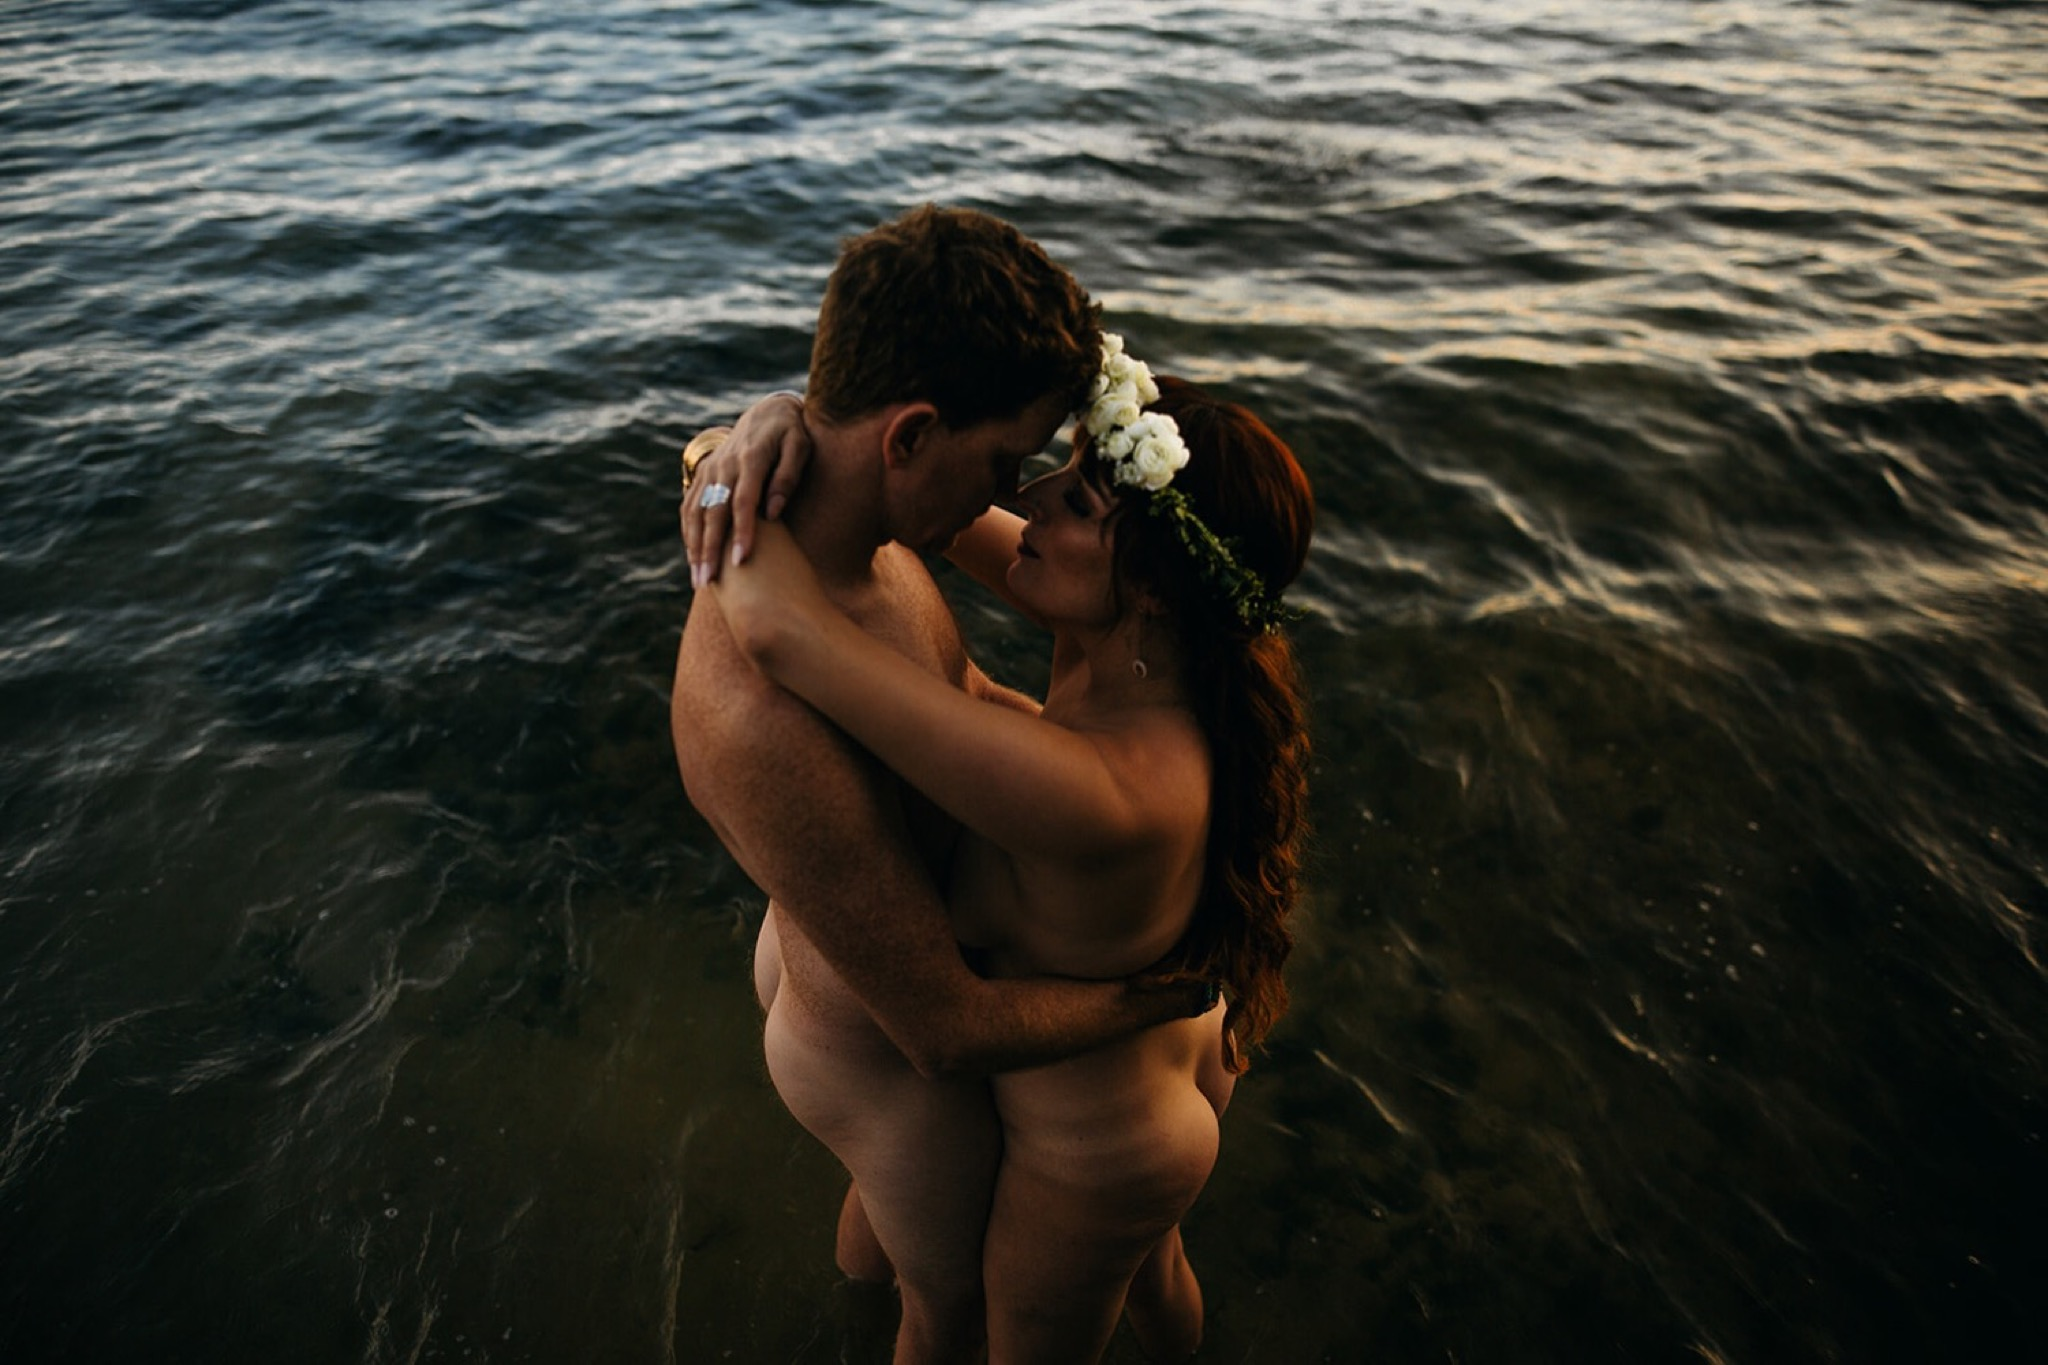 https://ourampersandphoto.com/wp-content/uploads/2020/02/34_Ashleigh-Matt-Sunrise-SNEAK-PEEK-25.jpg